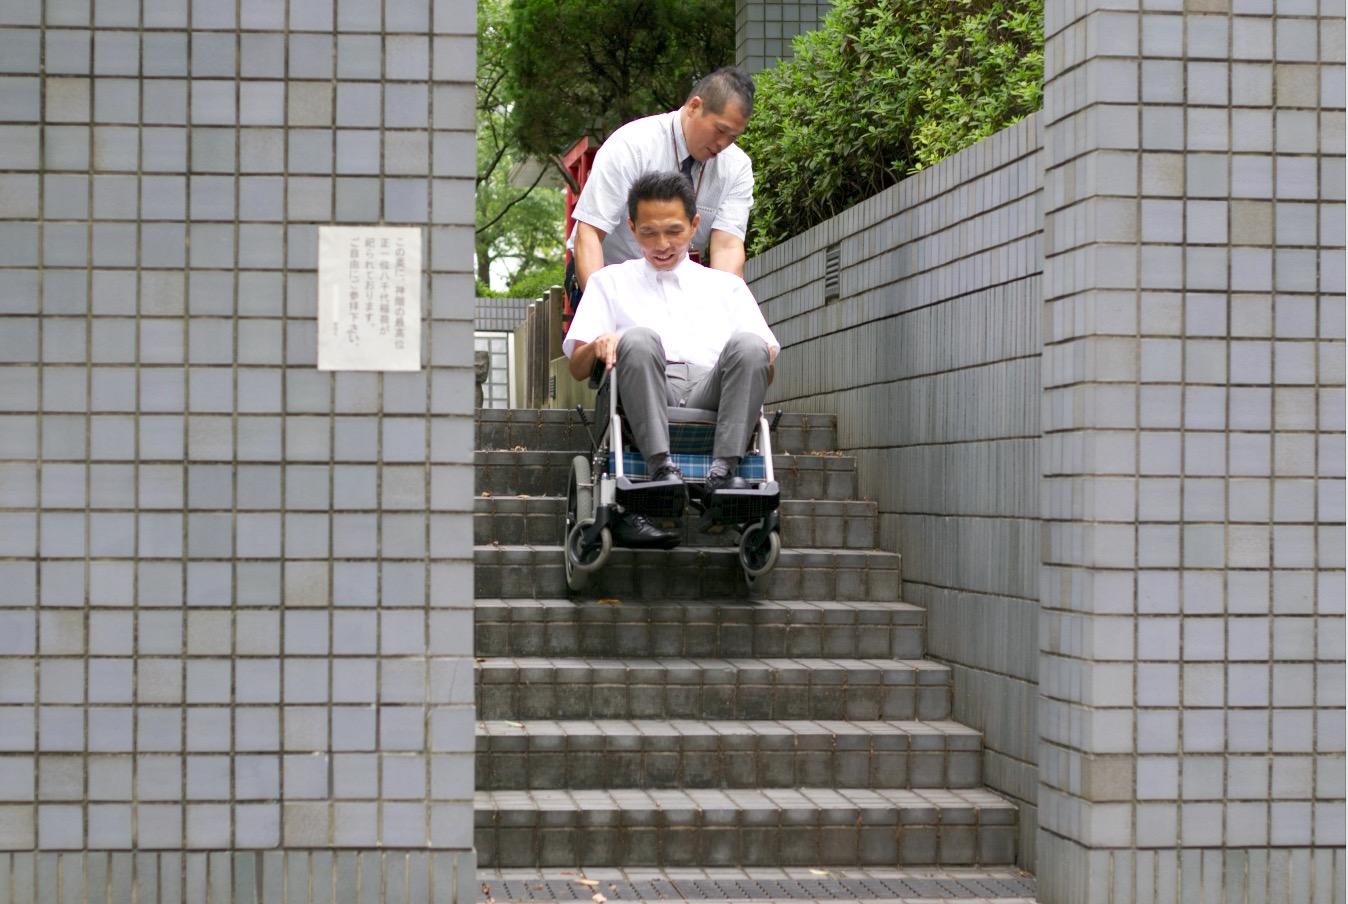 急な階段、車椅子で登る,患者,階段,病人,移送,階段の登り降り